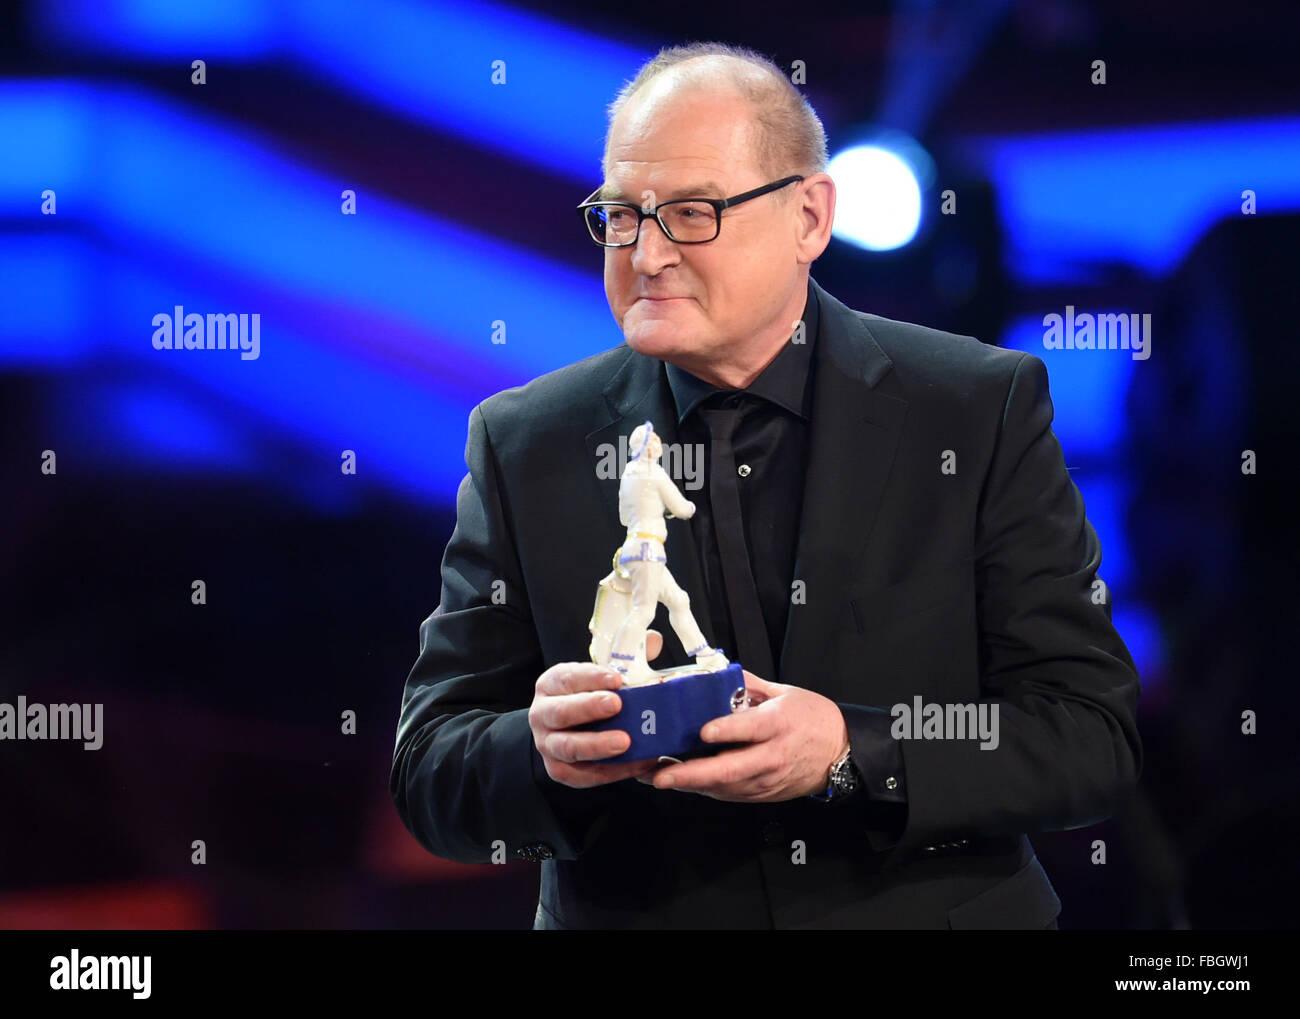 München, Deutschland. 15. Januar 2016. Schauspieler Burghart Klaußner hält seine Auszeichnung in Stockbild